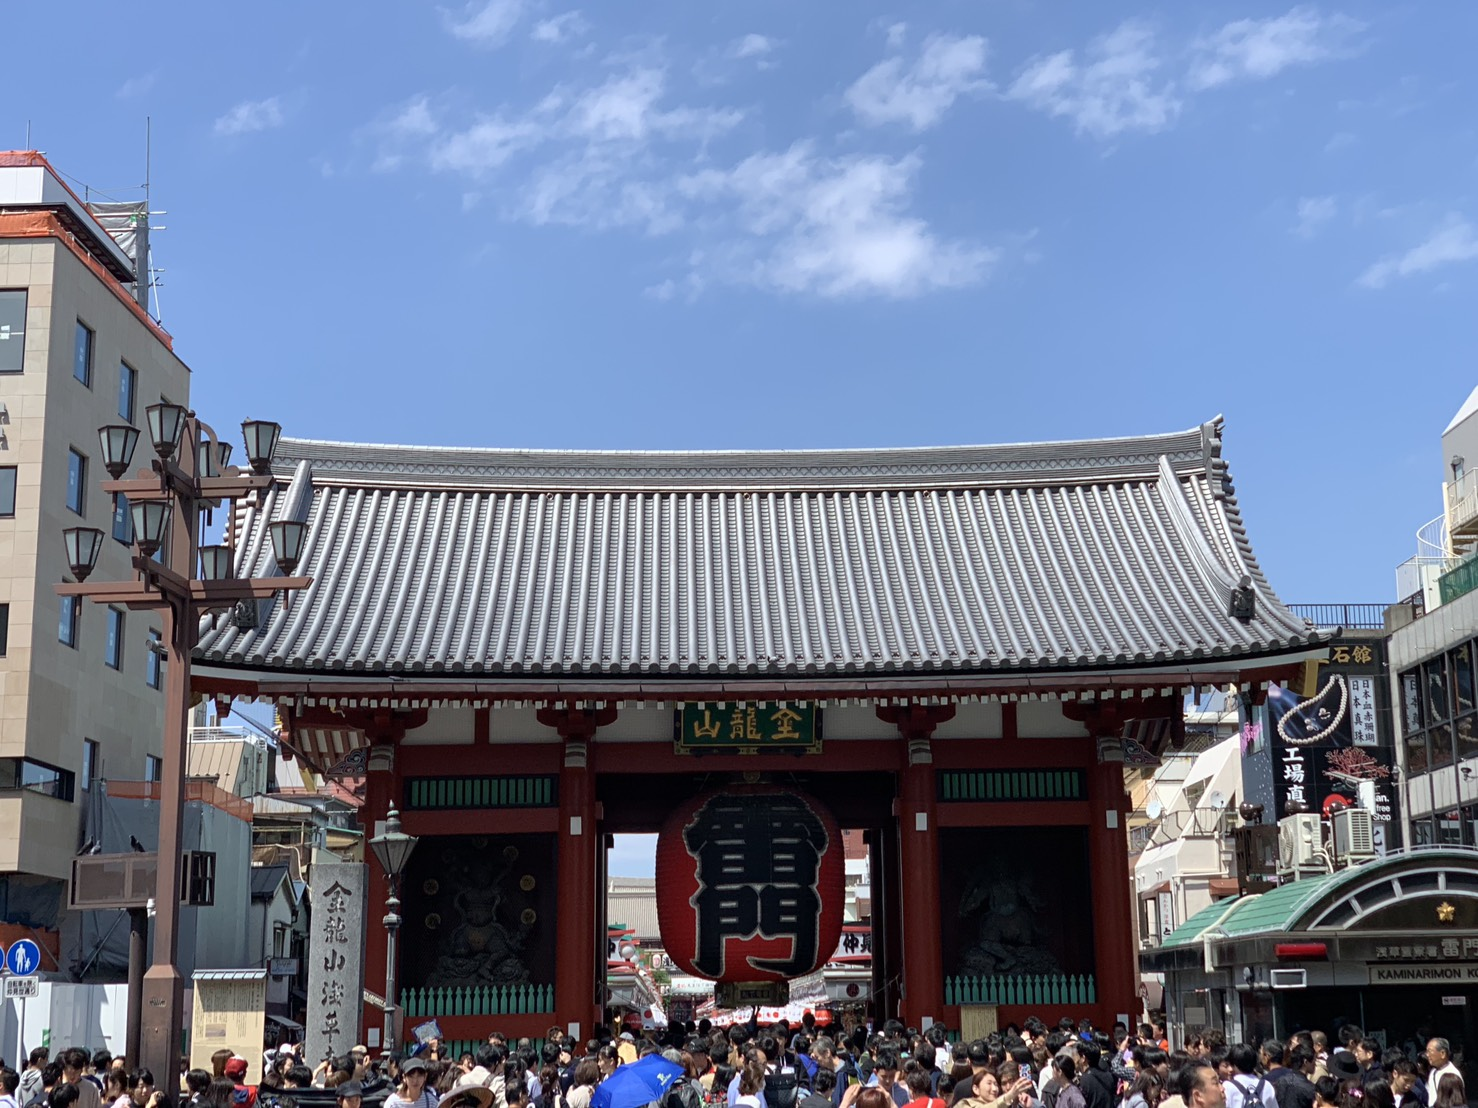 淺草雷門寺是東京最著名的觀光景點